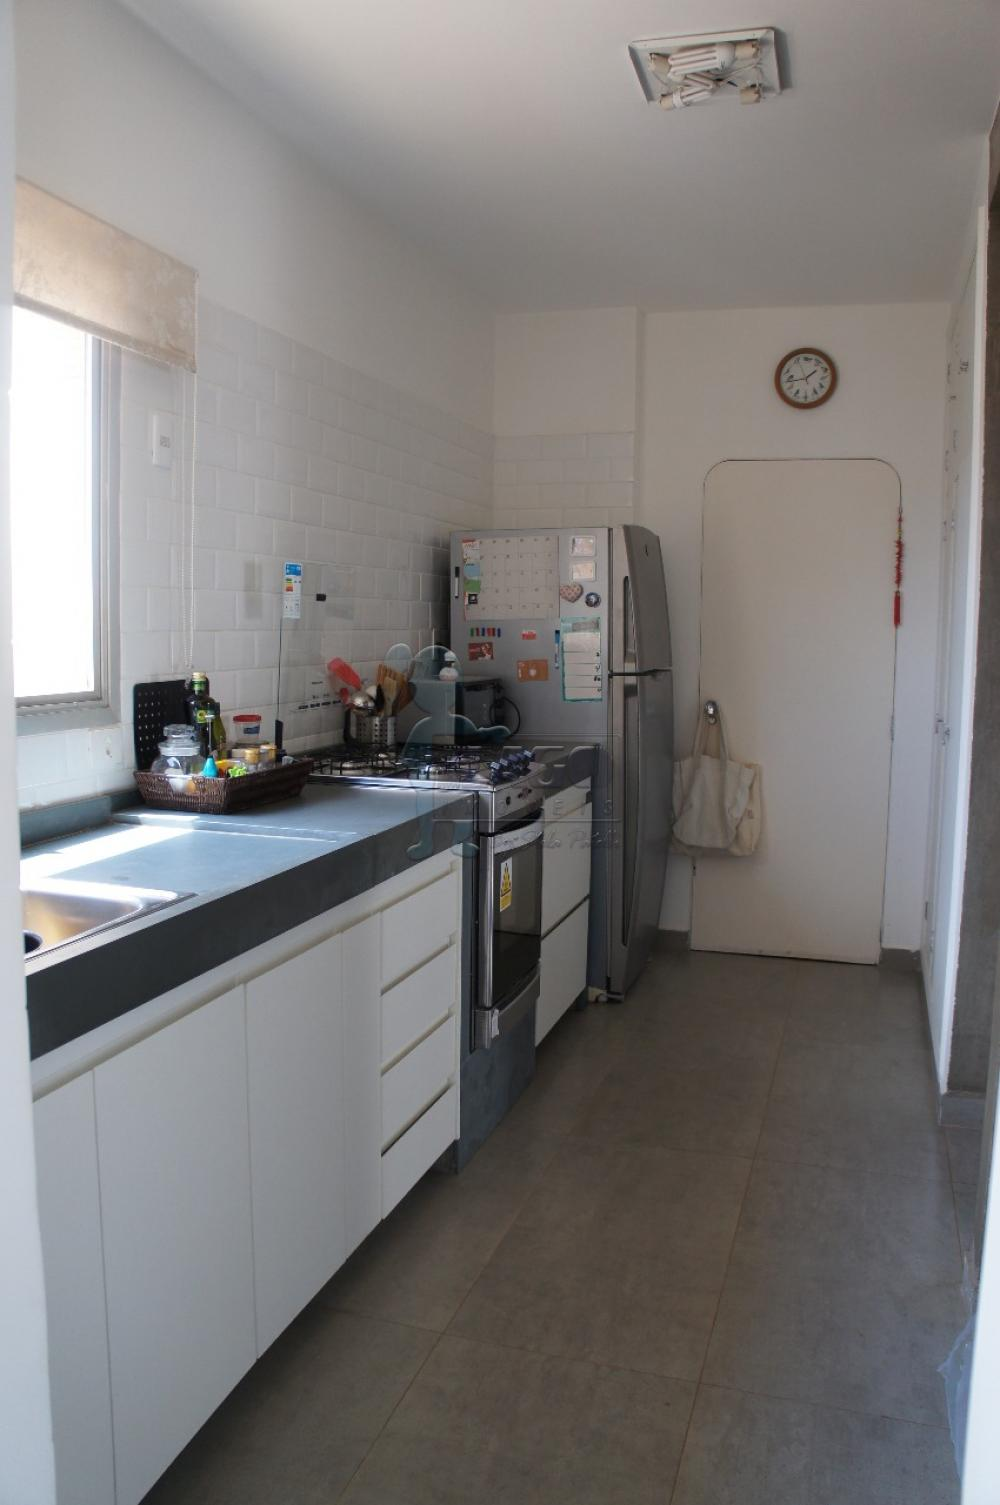 Comprar Apartamento / Padrão em Ribeirão Preto apenas R$ 275.000,00 - Foto 11